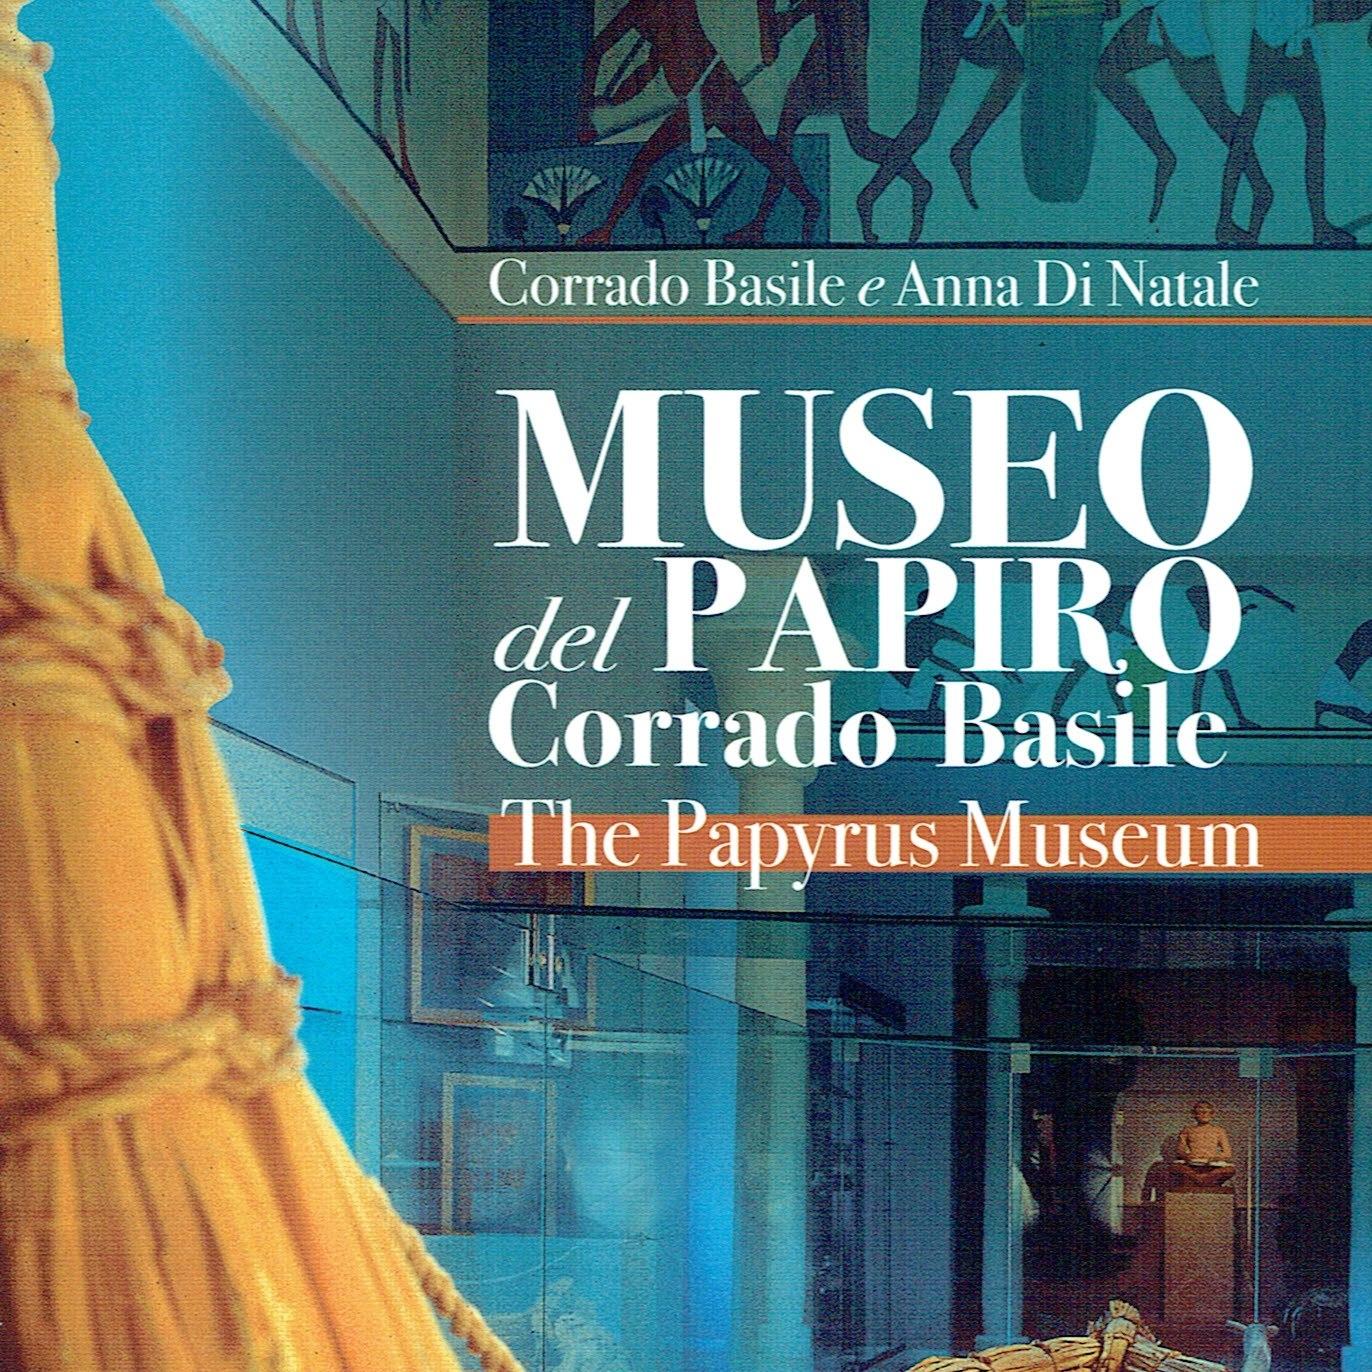 SHOCK nel mondo scientifico accademico - Il Museo del Papiro Corrado Basile vende i suoi pezzi